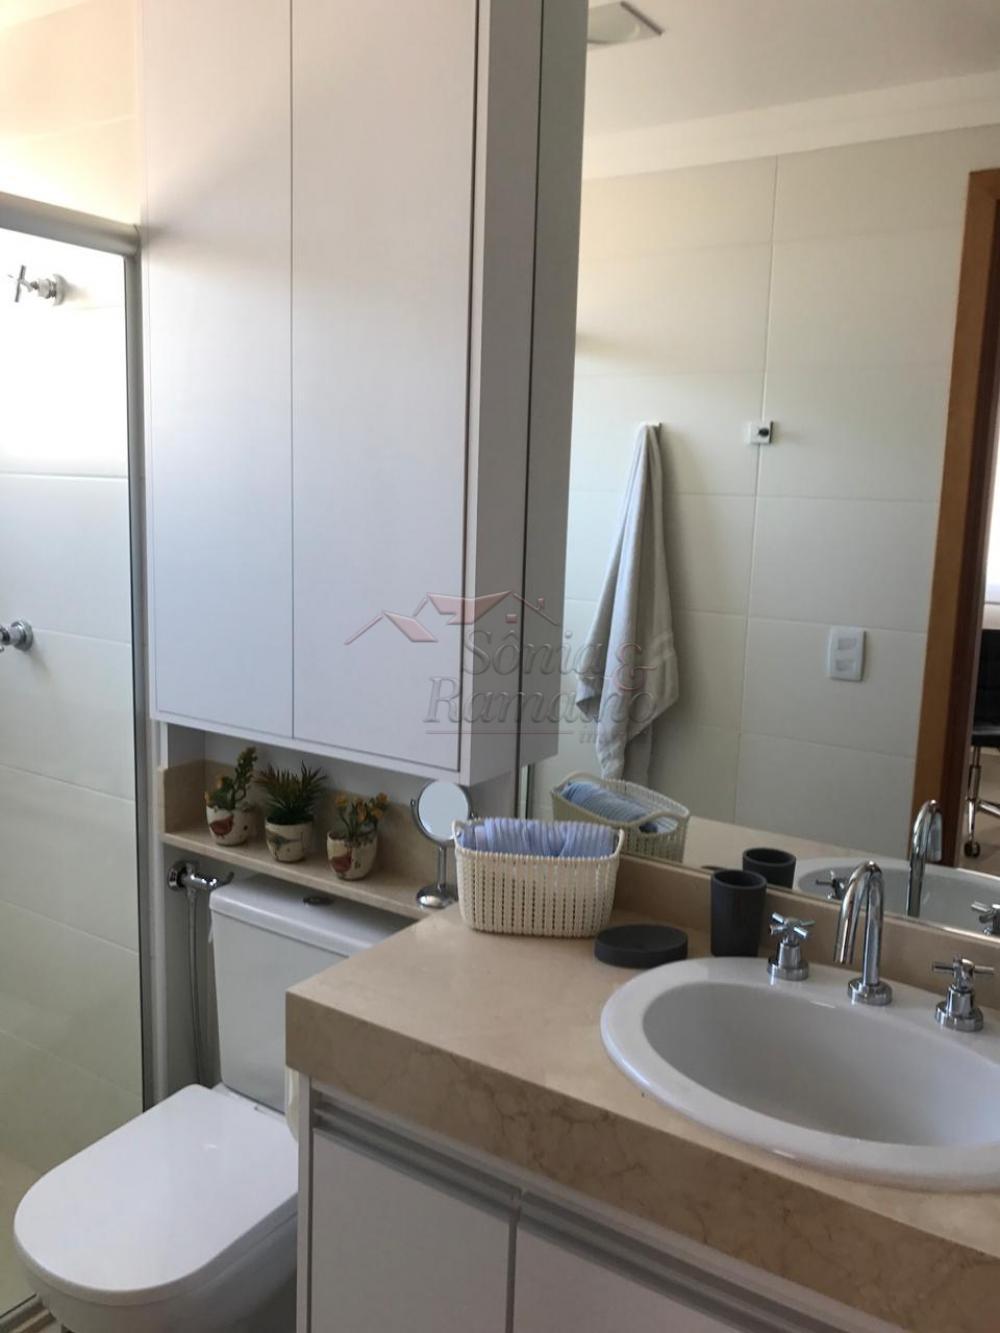 Comprar Apartamentos / Padrão em Ribeirão Preto apenas R$ 615.000,00 - Foto 10